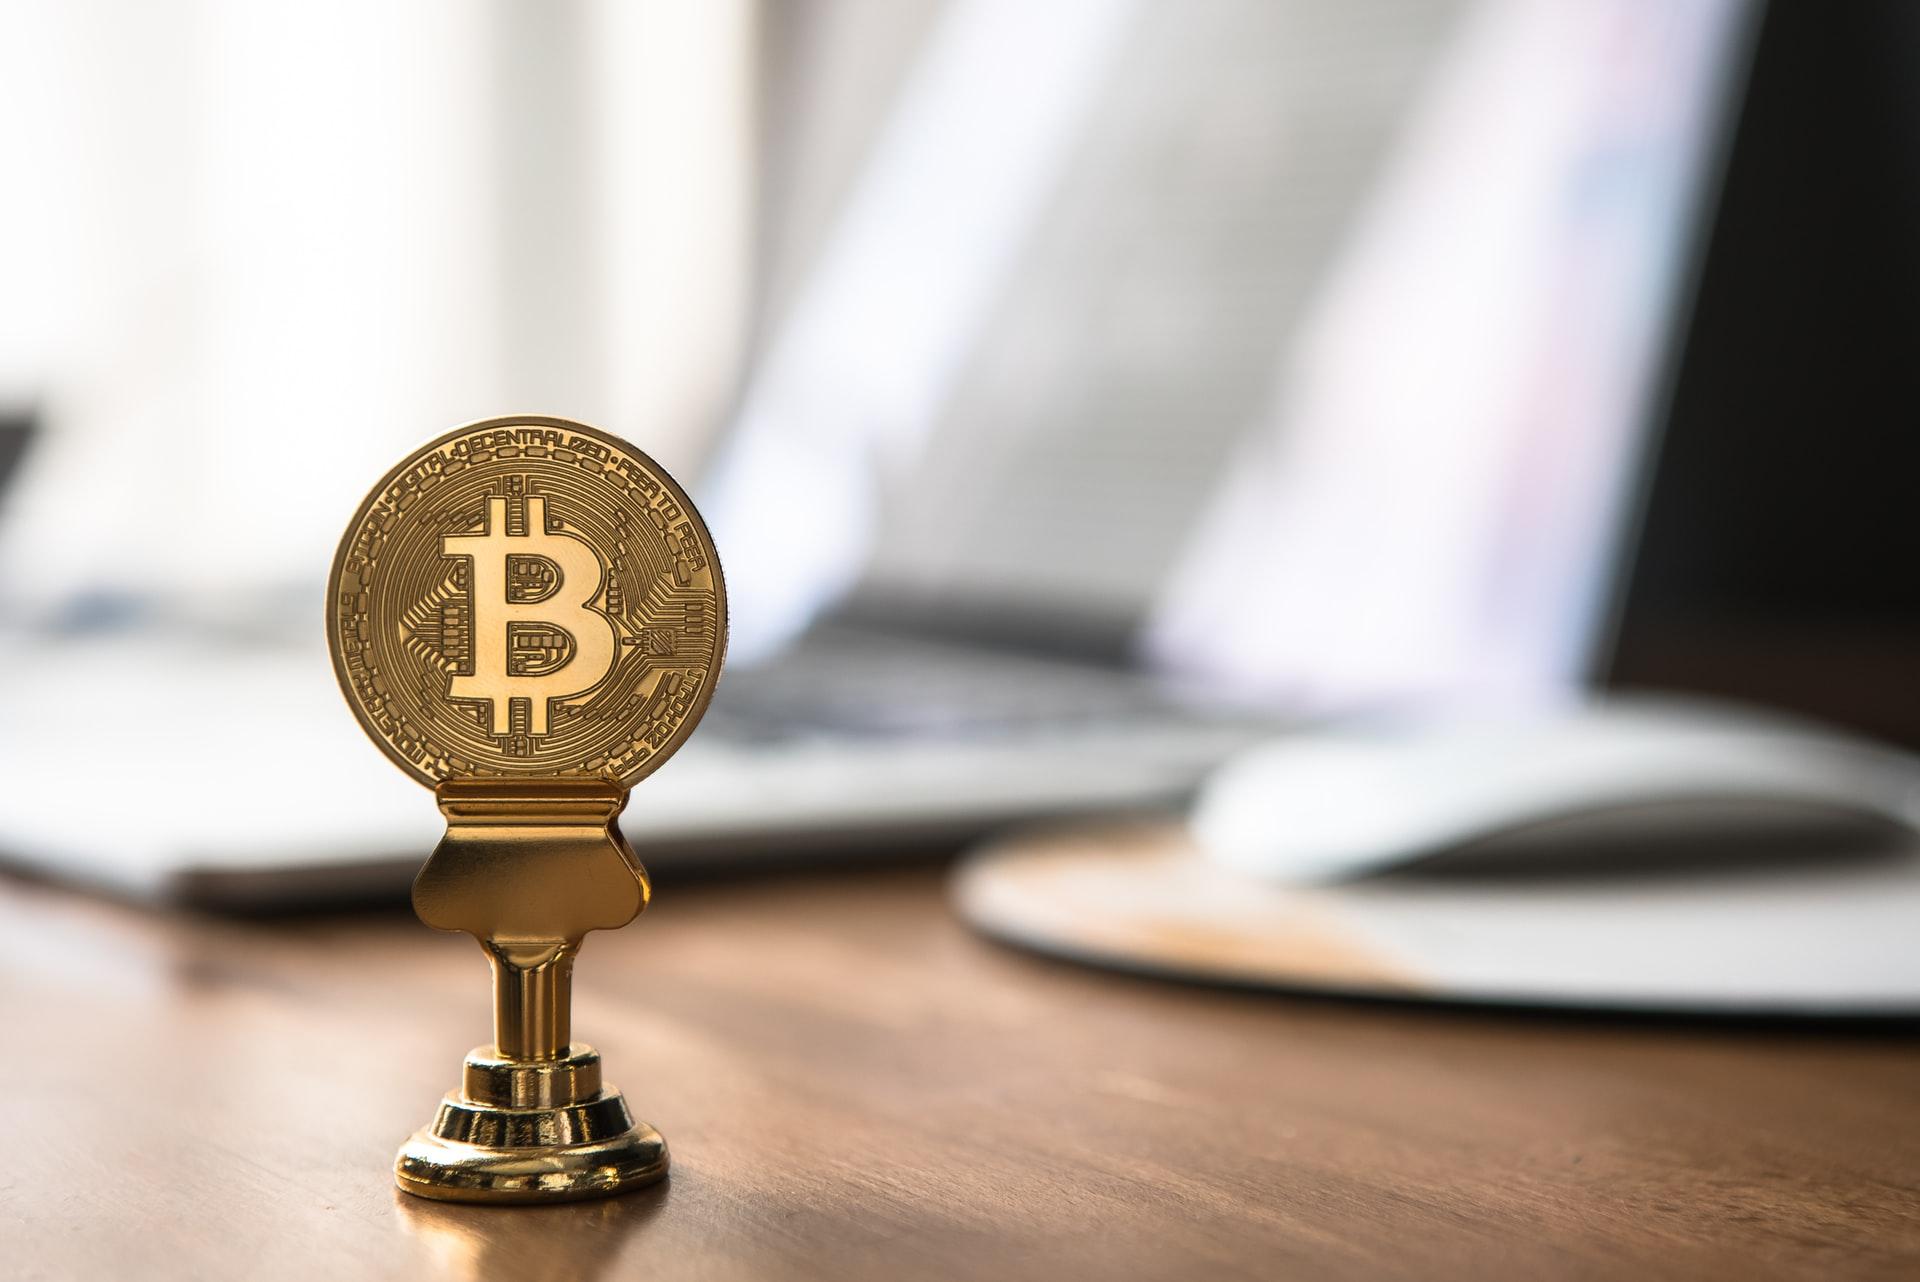 Los inversores minoristas de Bitcoin confían en un precio mínimo de 50.000 dólares